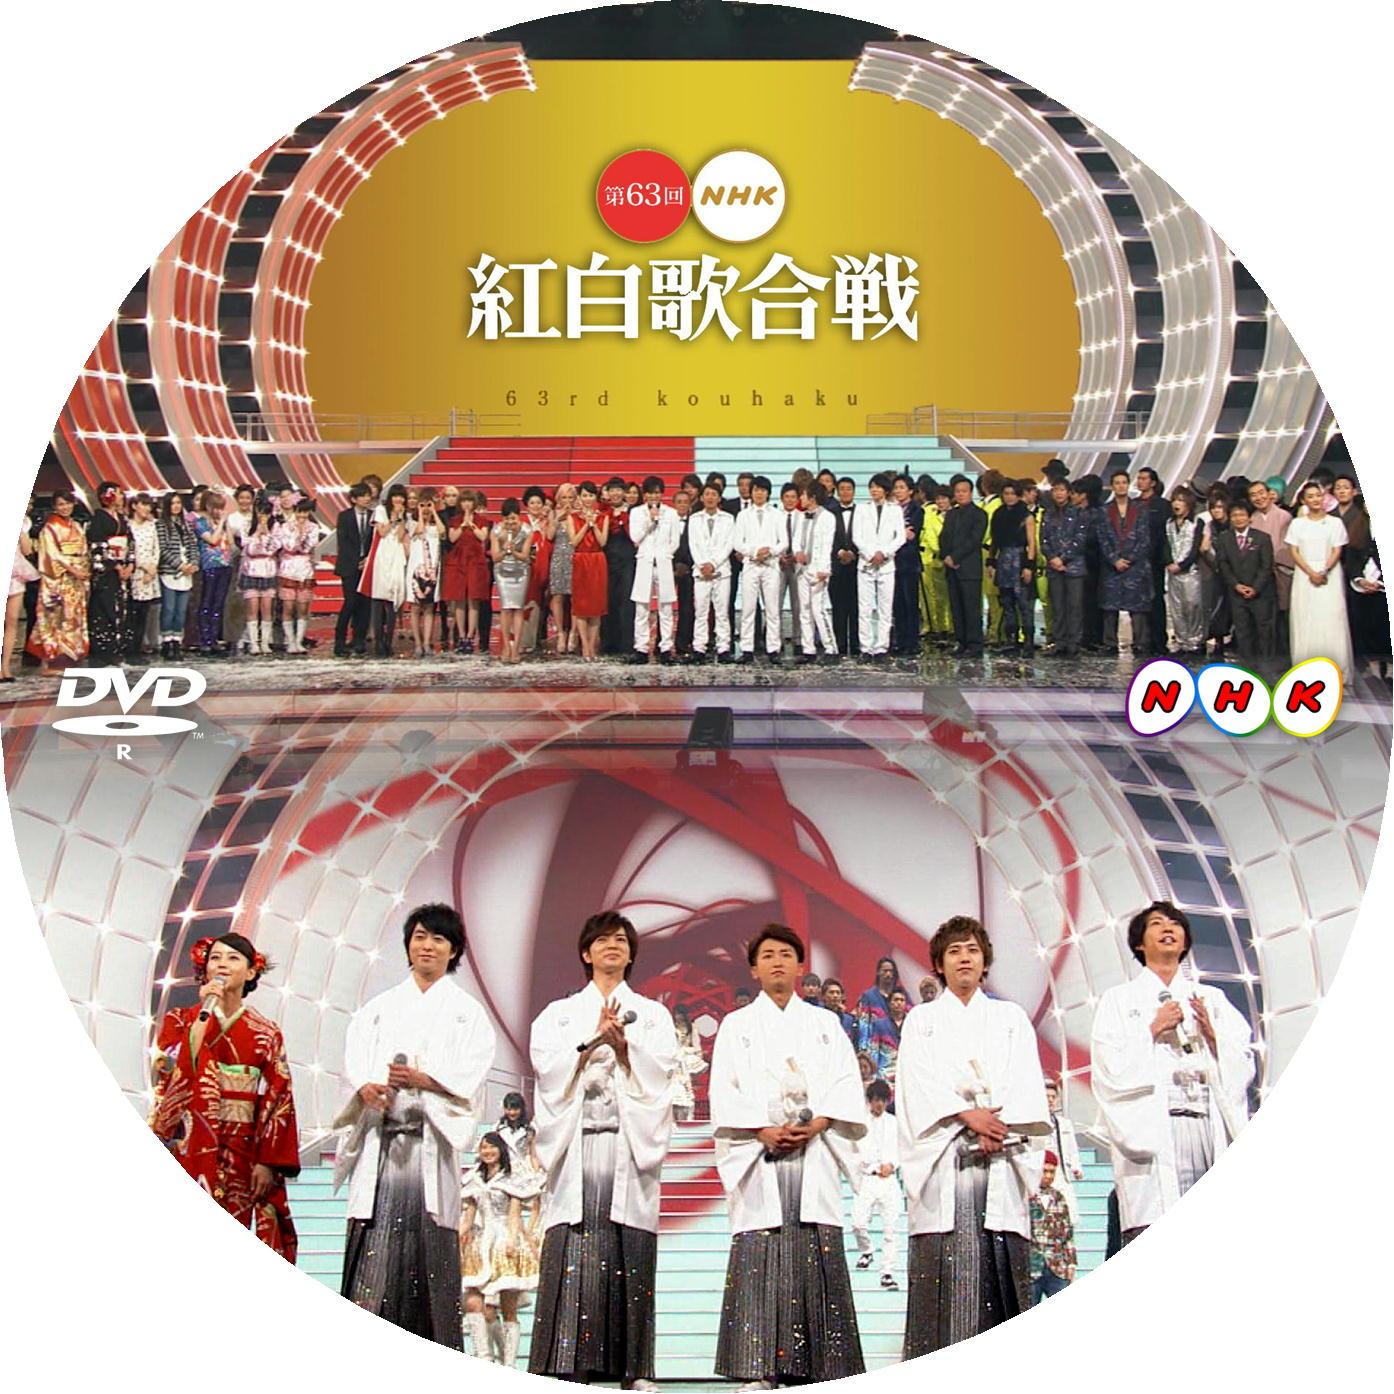 第63回NHK紅白歌合戦 2012 DVDラベル